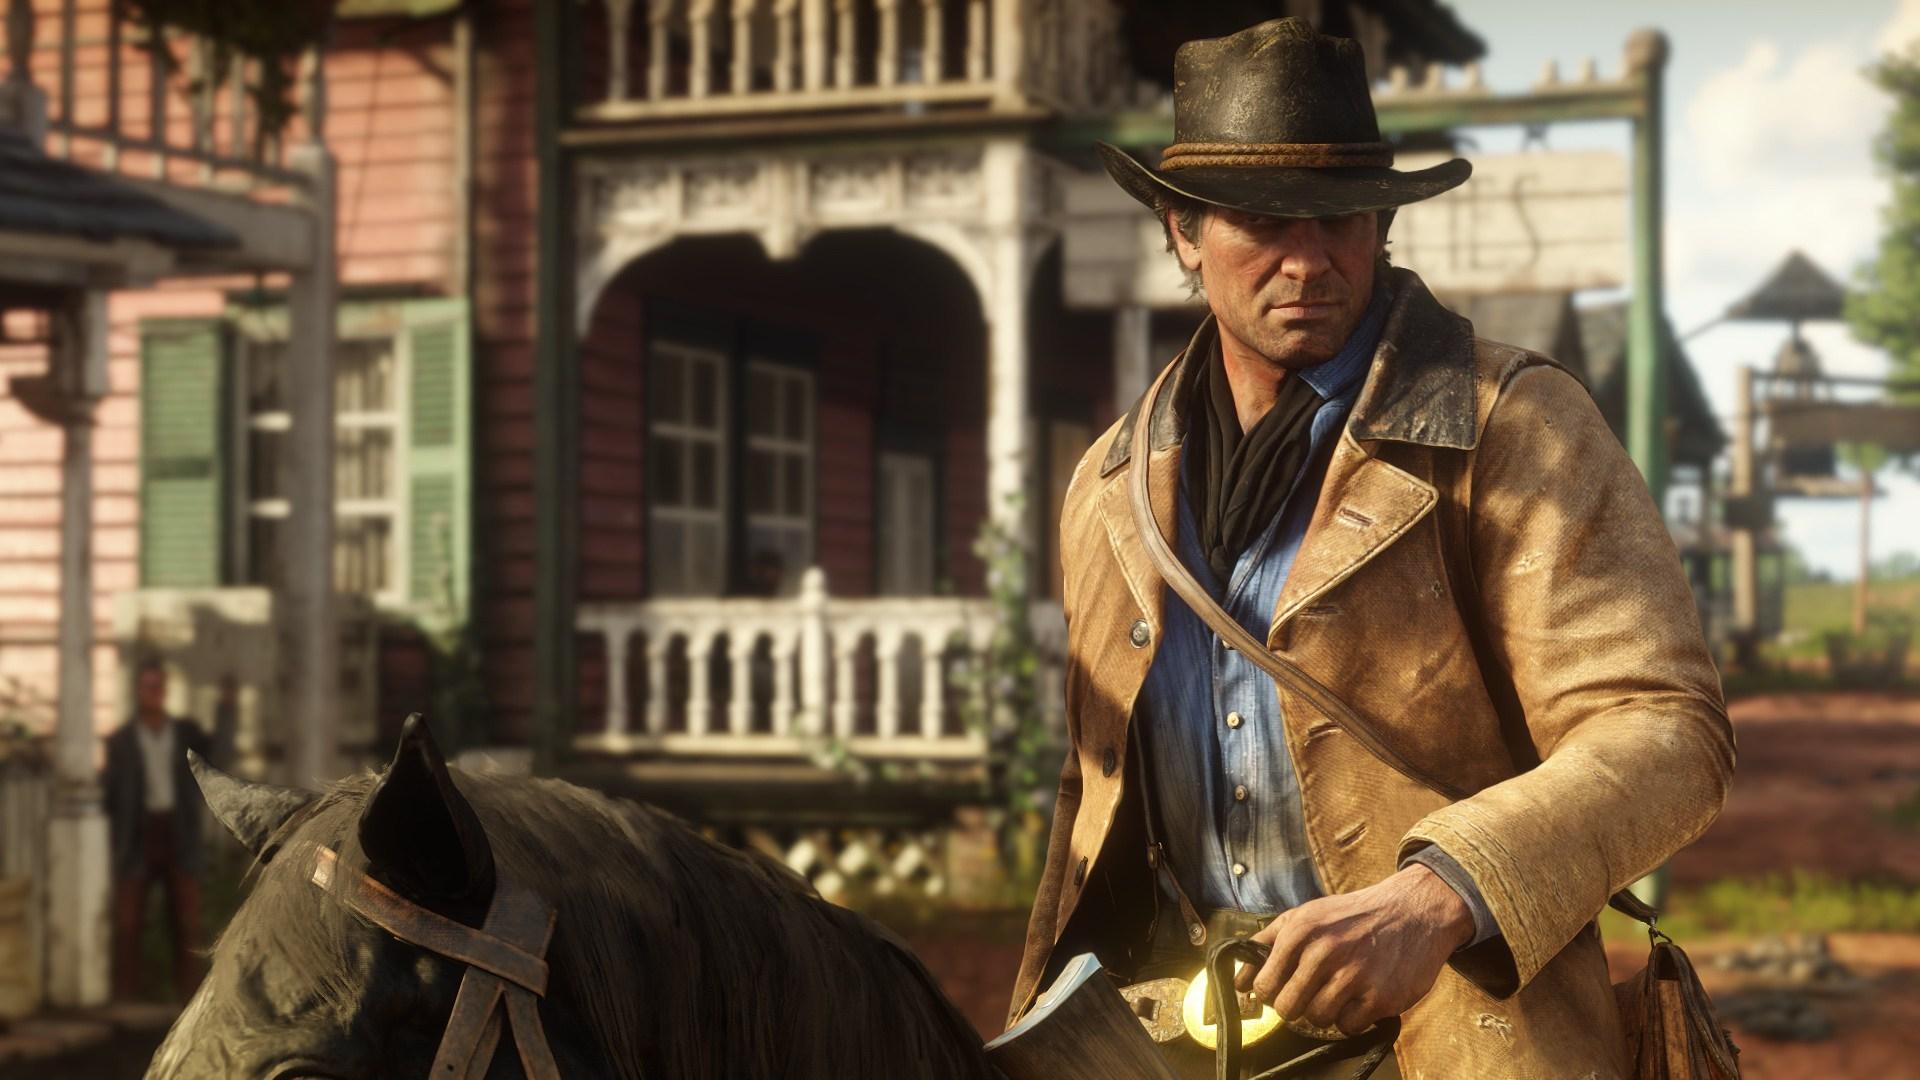 Red-Dead-Redemption-2-Arthur-Morgan-02 Rockstar Games